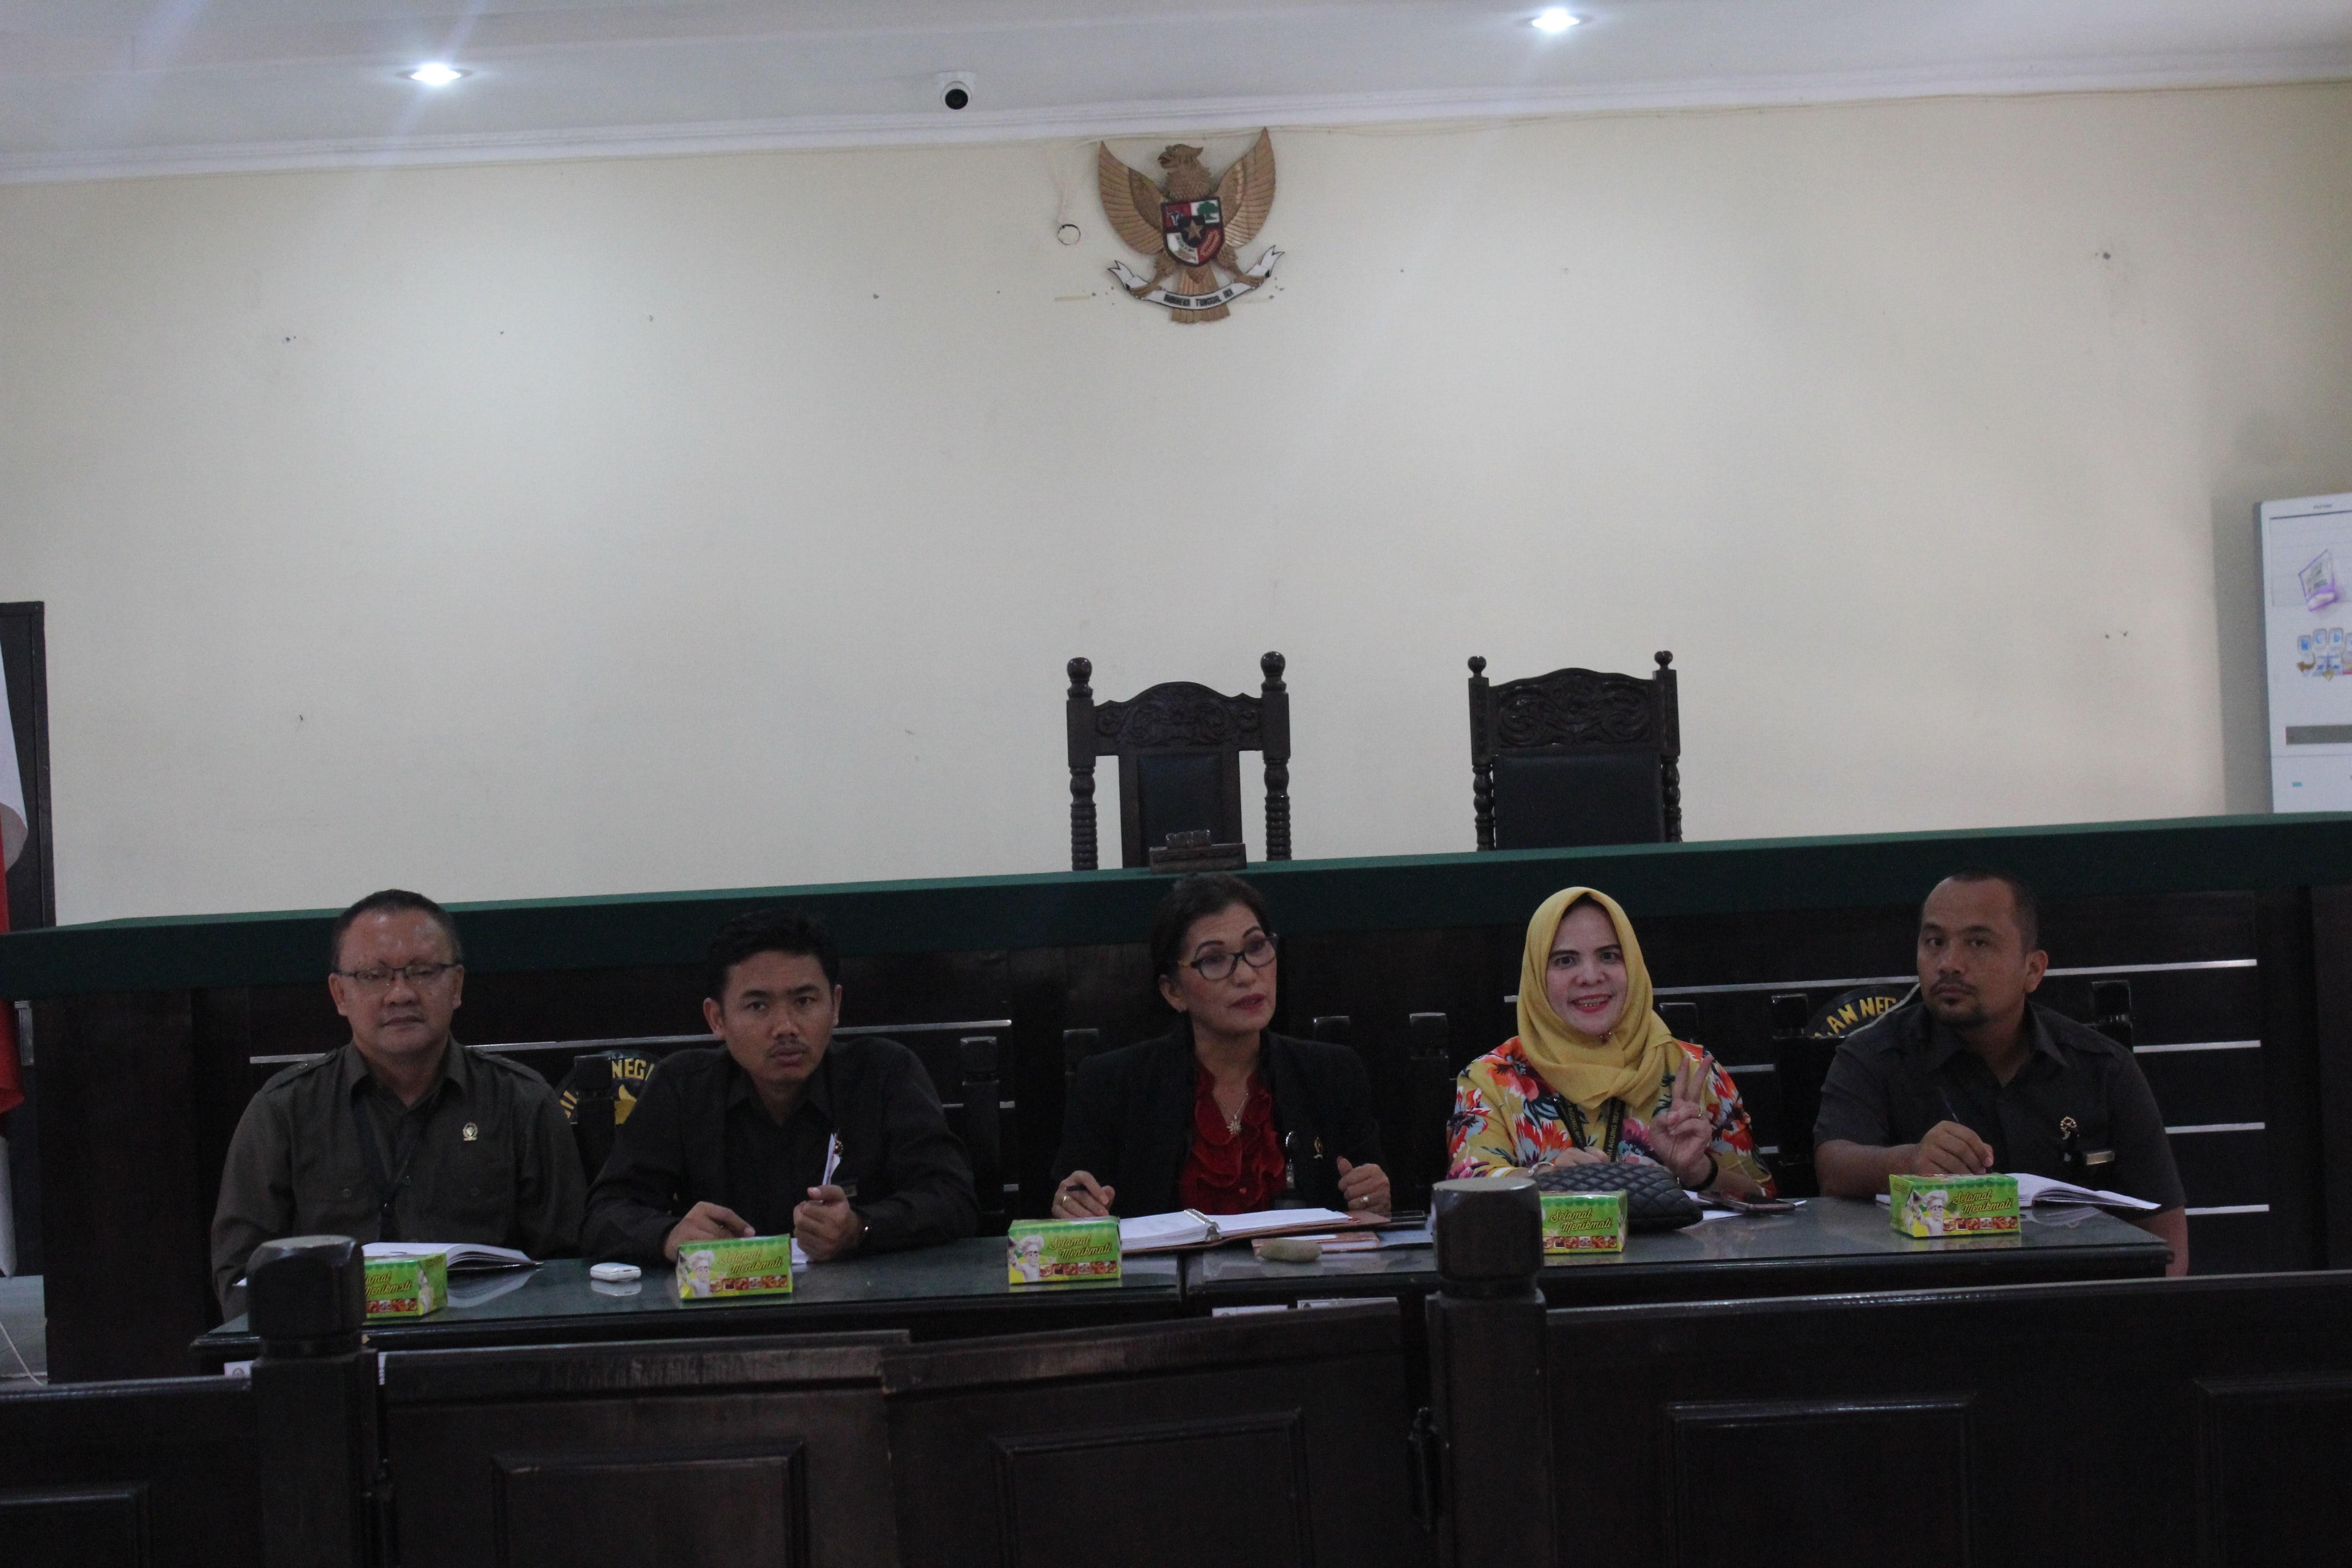 Rapat Bulanan Kepaniteraan Periode Agustus 2018